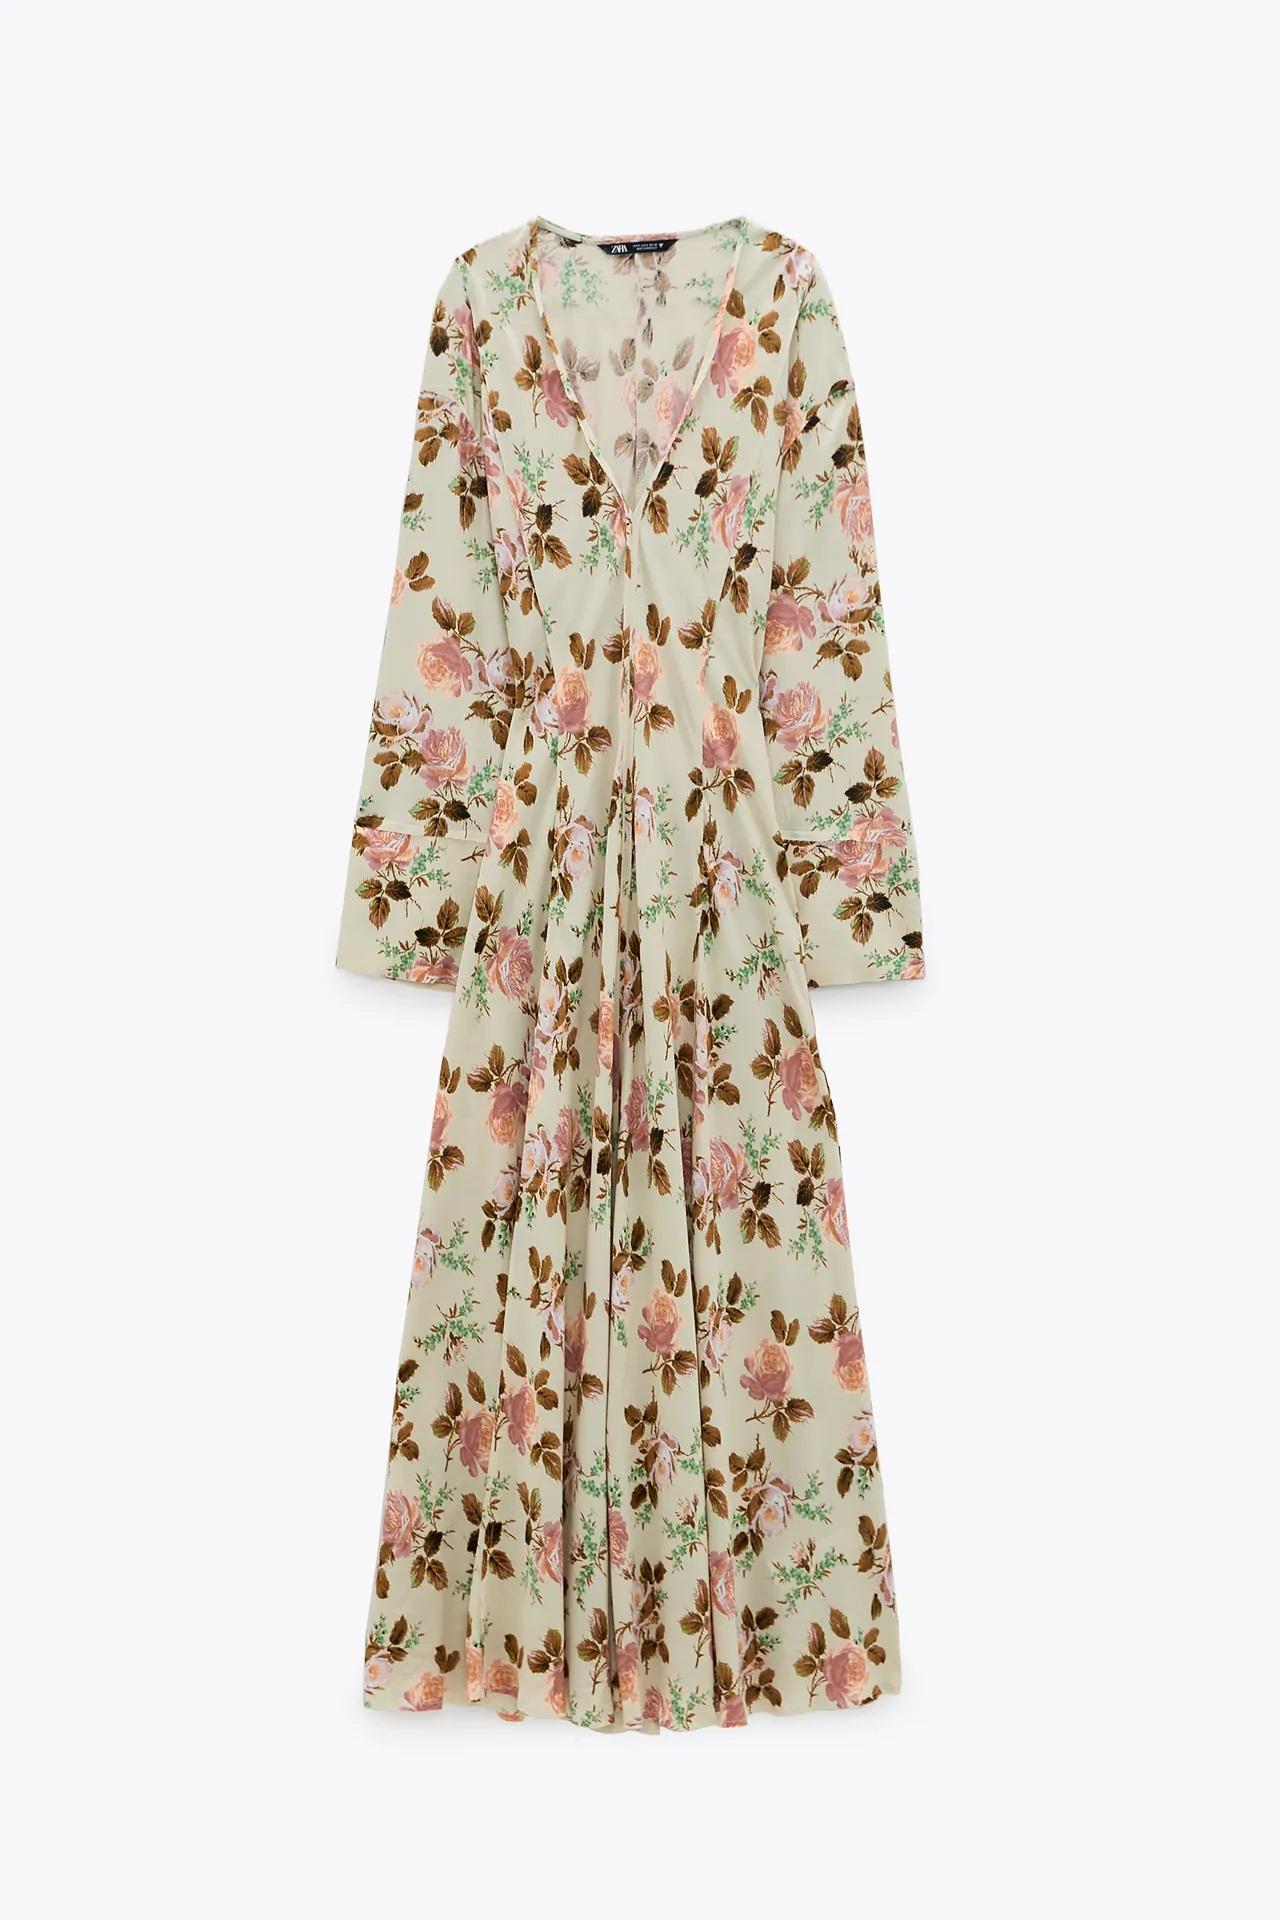 Zara: Mery Turiel lleva el vestido perfecto para dar la bienvenida al otoño con este look